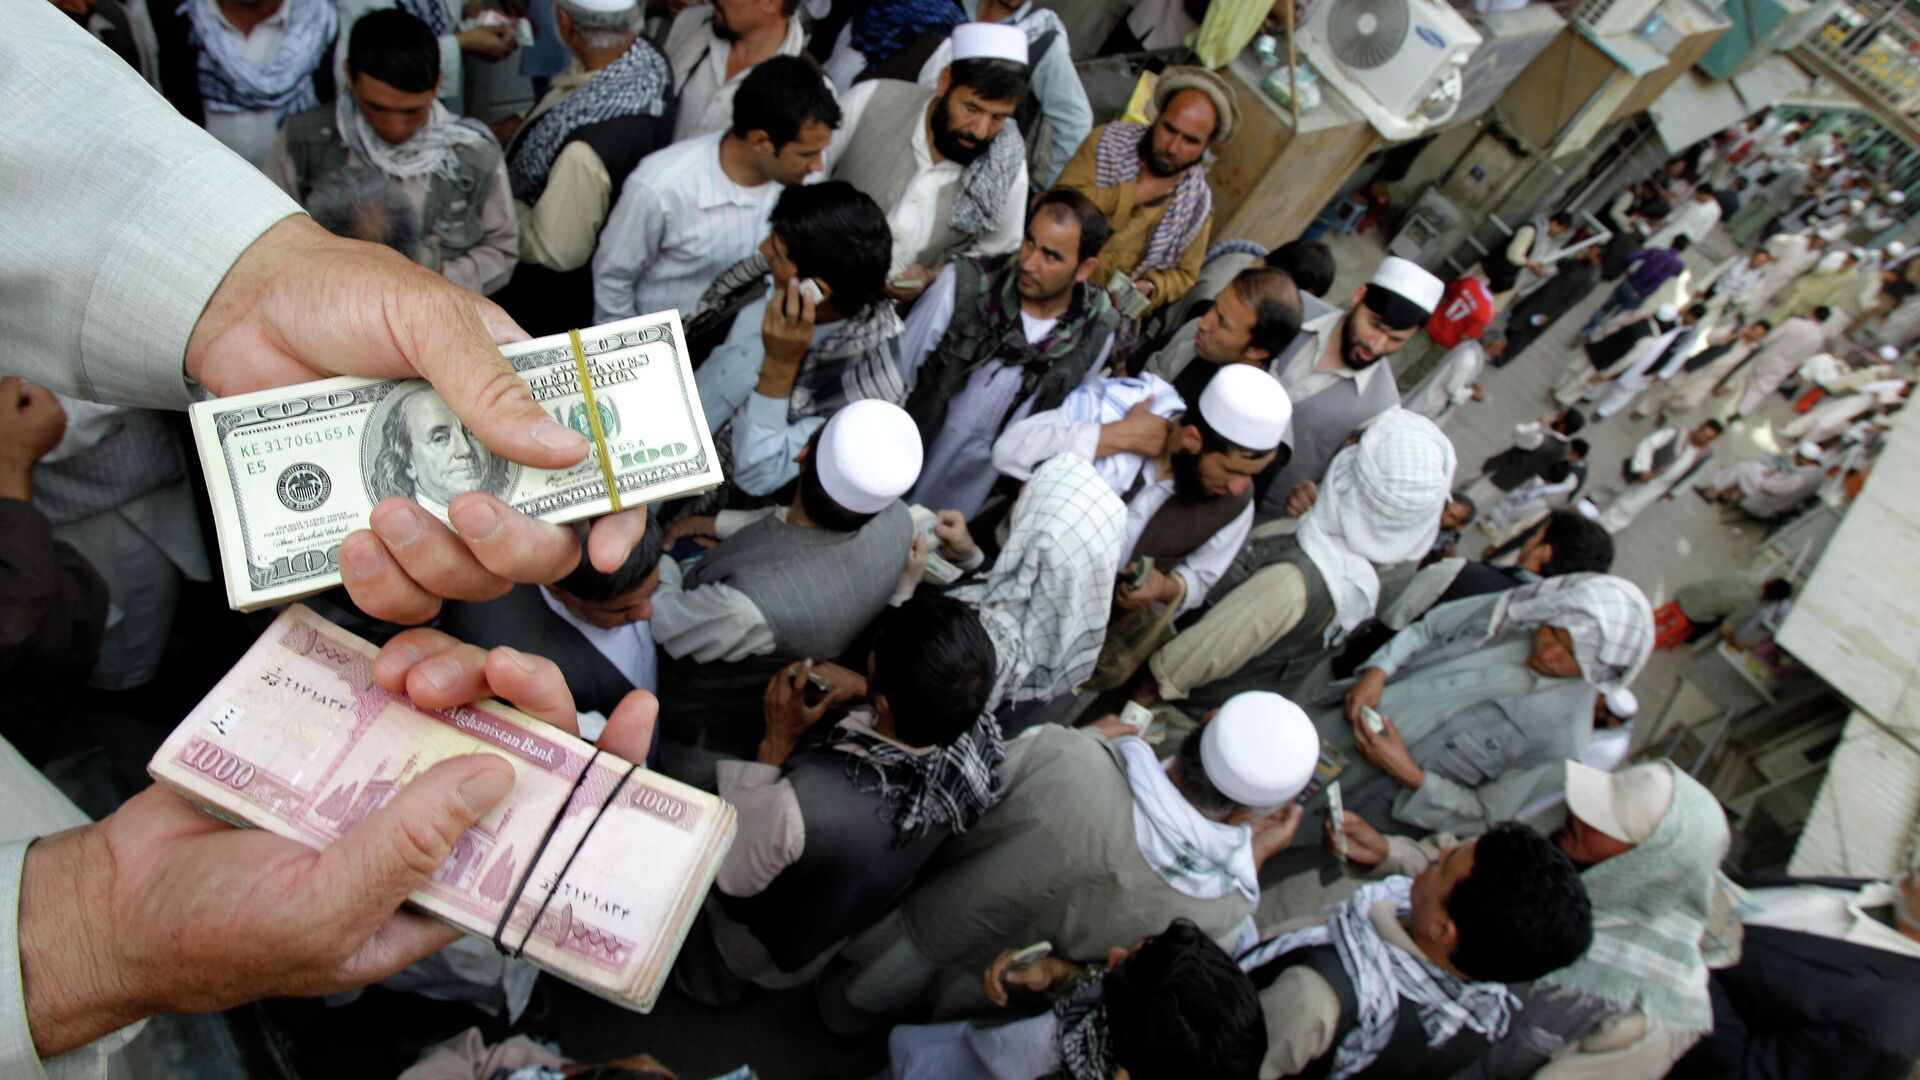 Афганский торговец держит пачки долларов США и афгани на Сарай-Шахзаде - Sputnik Таджикистан, 1920, 20.08.2021